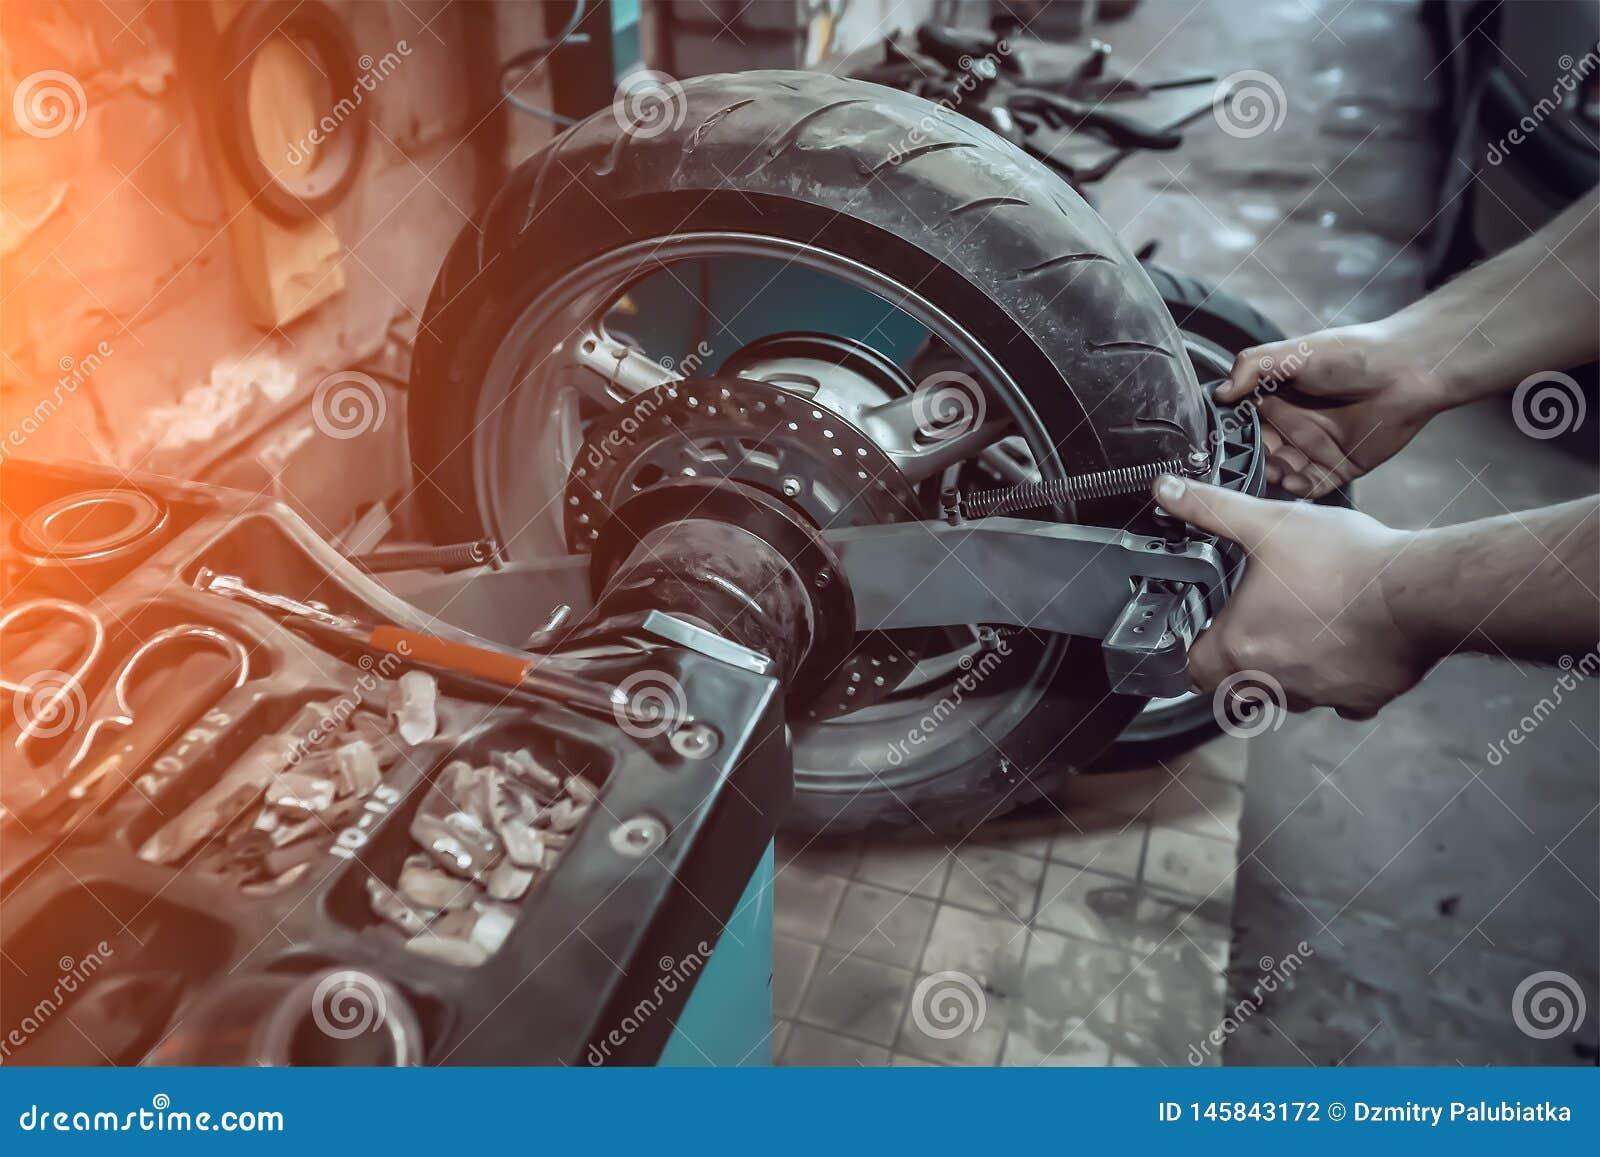 Reifenservice eines Motorradrades